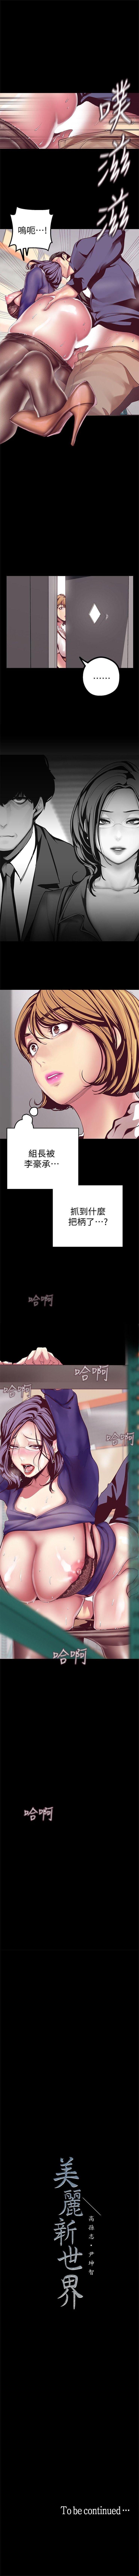 美麗新世界 1-85 官方中文(連載中) 153